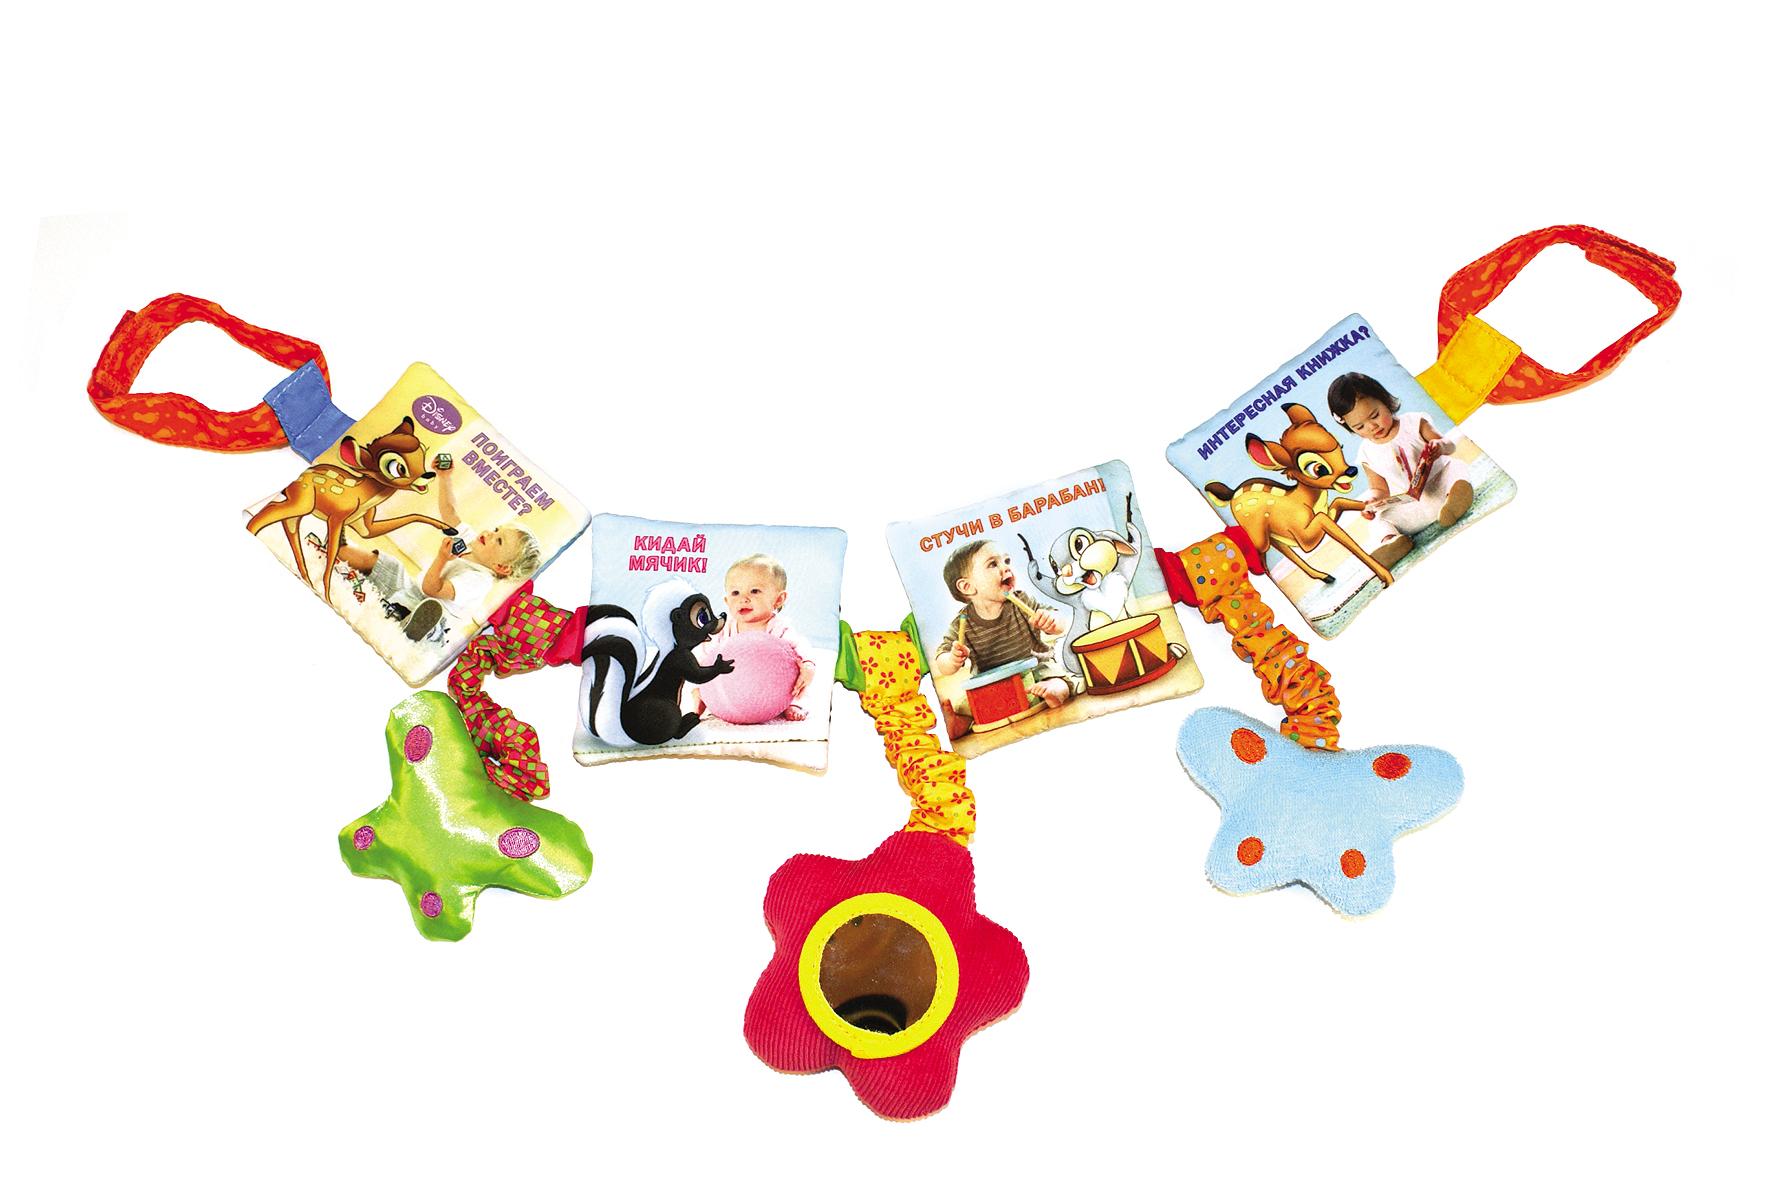 Мягкая подвеска на кроватку «Поиграем вместе? Disney Baby»Развивающая дуга. Игрушки на коляску и кроватку<br>Мягкая подвеска на кроватку «Поиграем вместе? Disney Baby»<br>